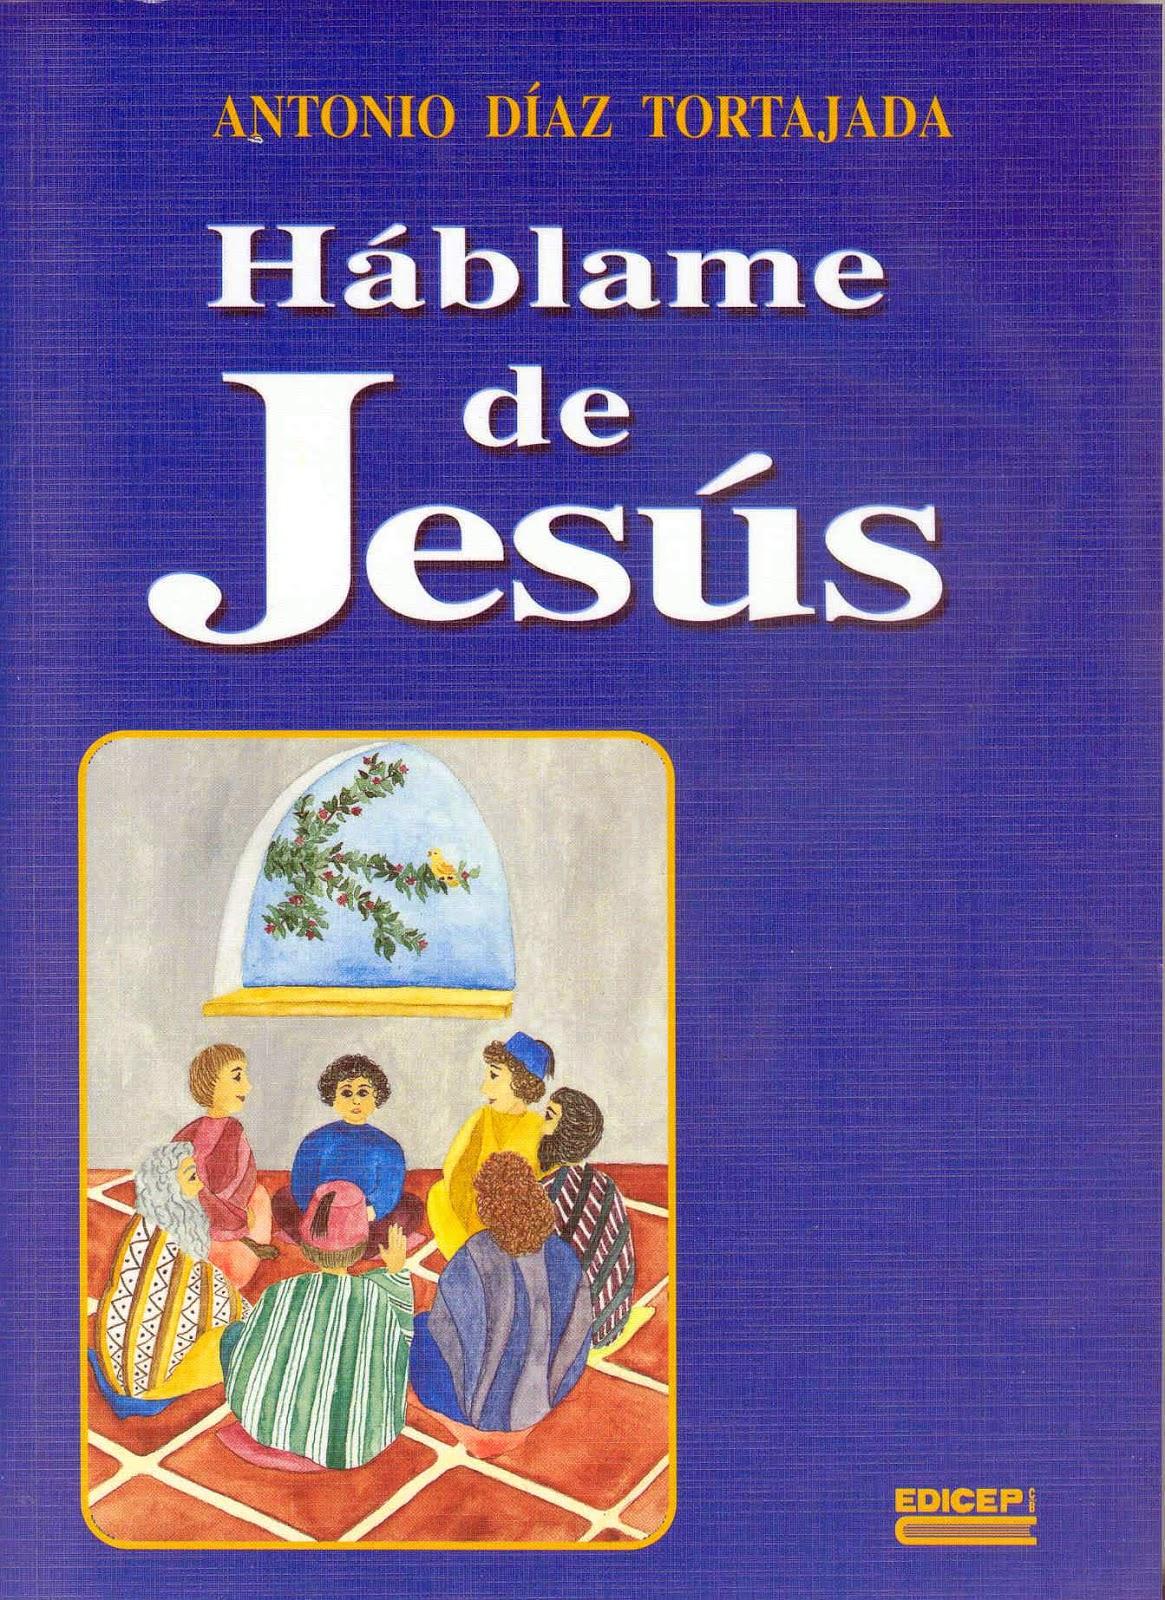 antonio-diaz-tortajada-hablame-jesus